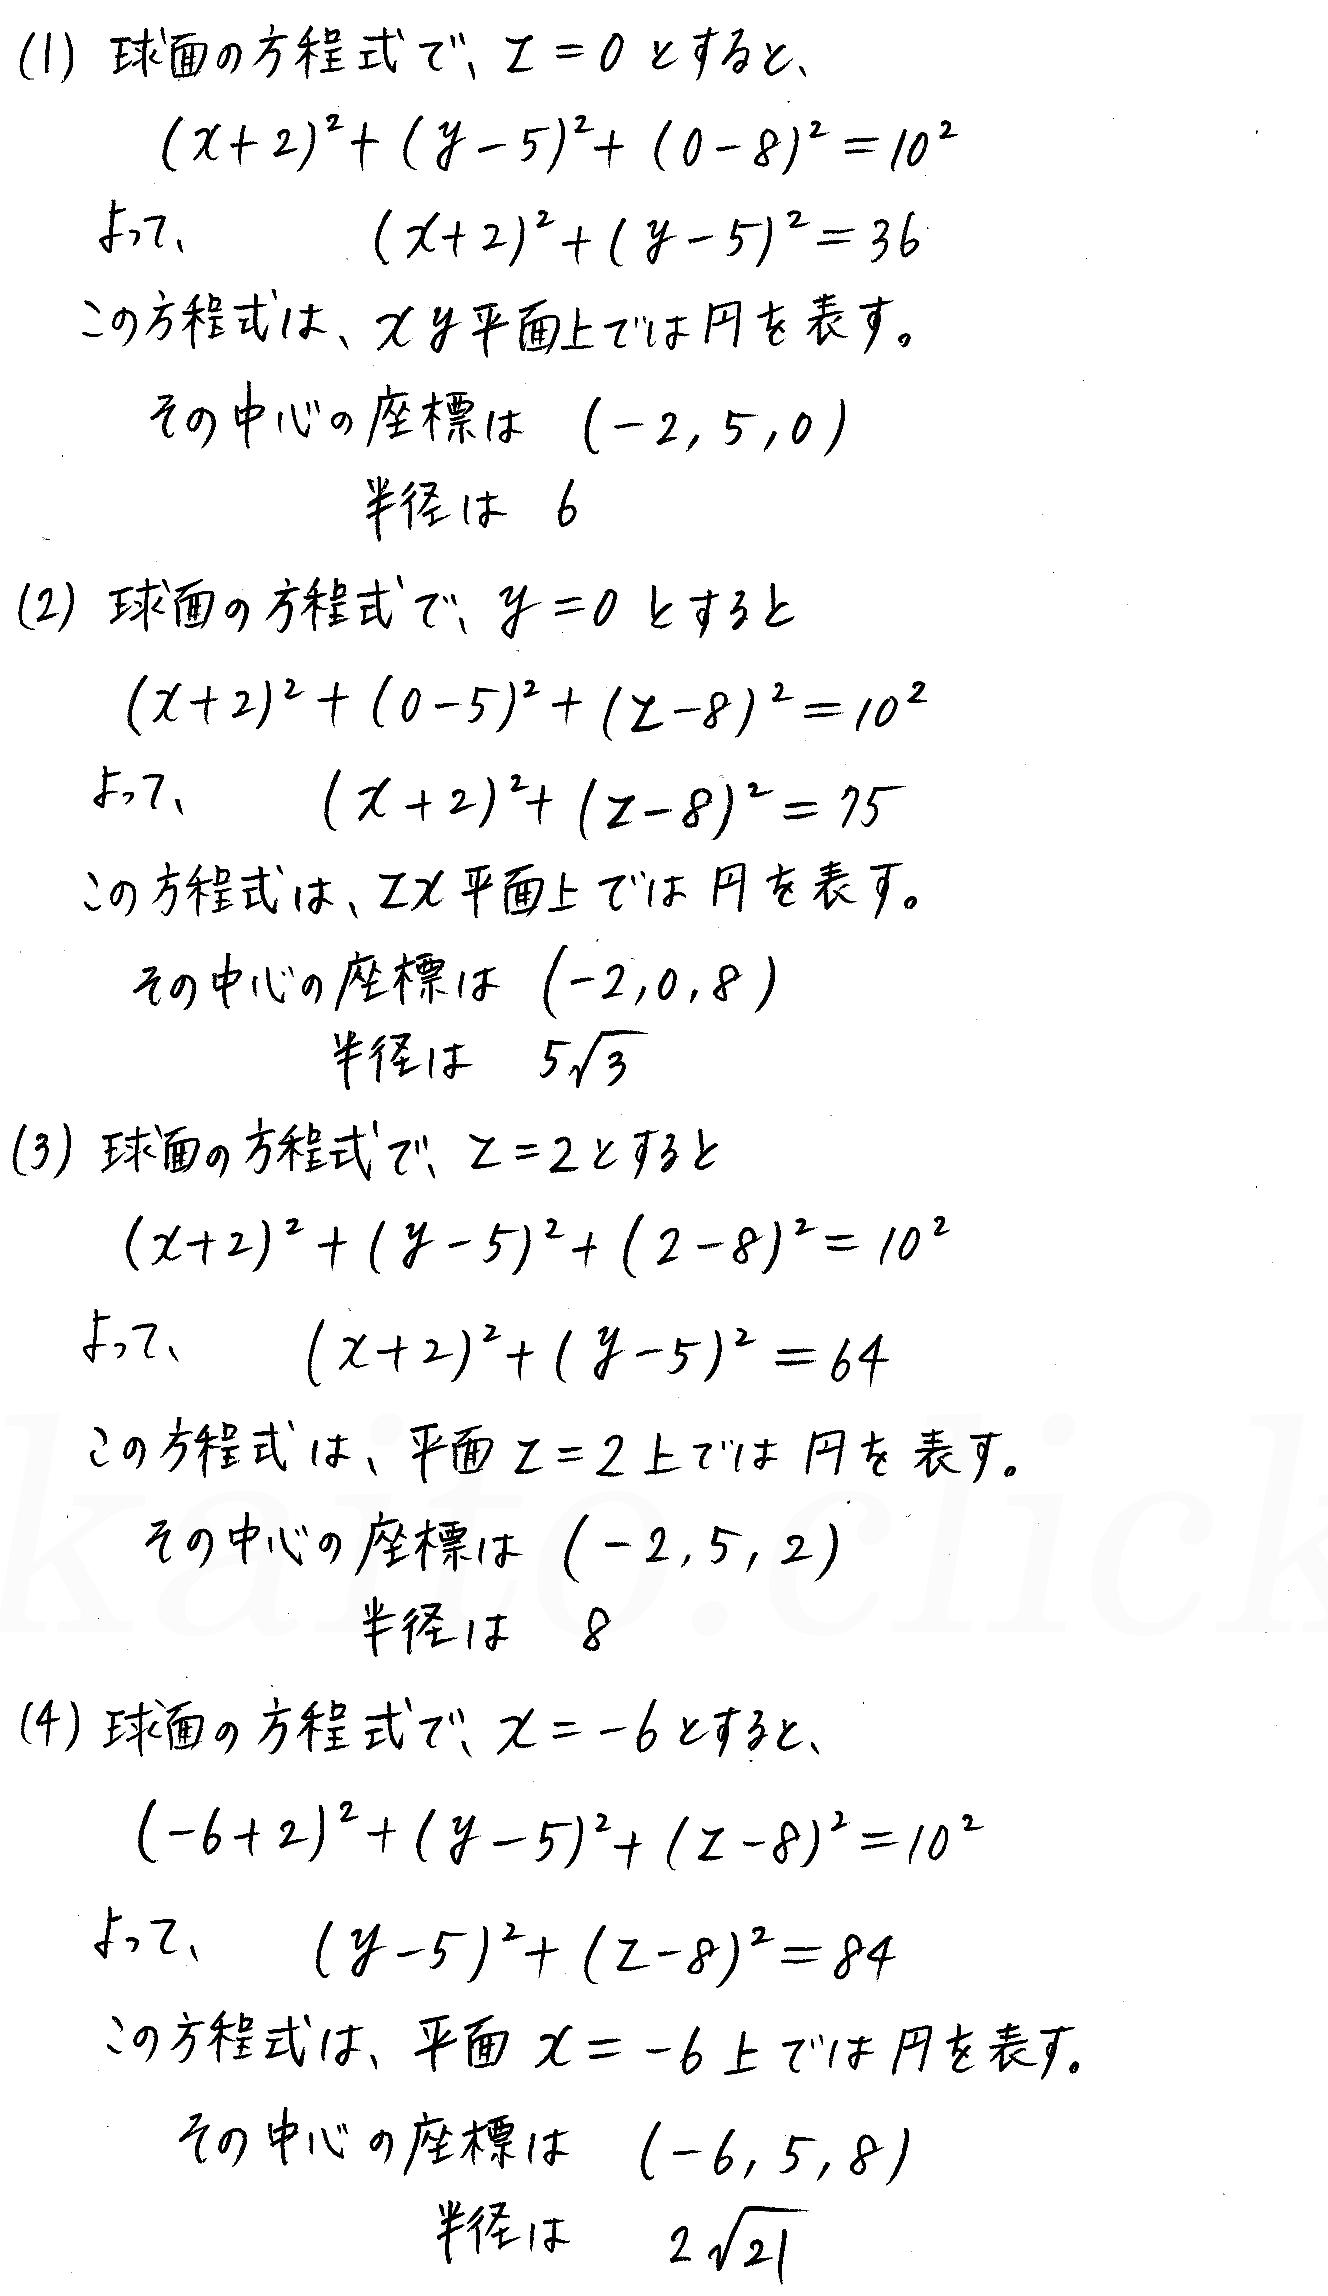 クリアー数学B-128解答